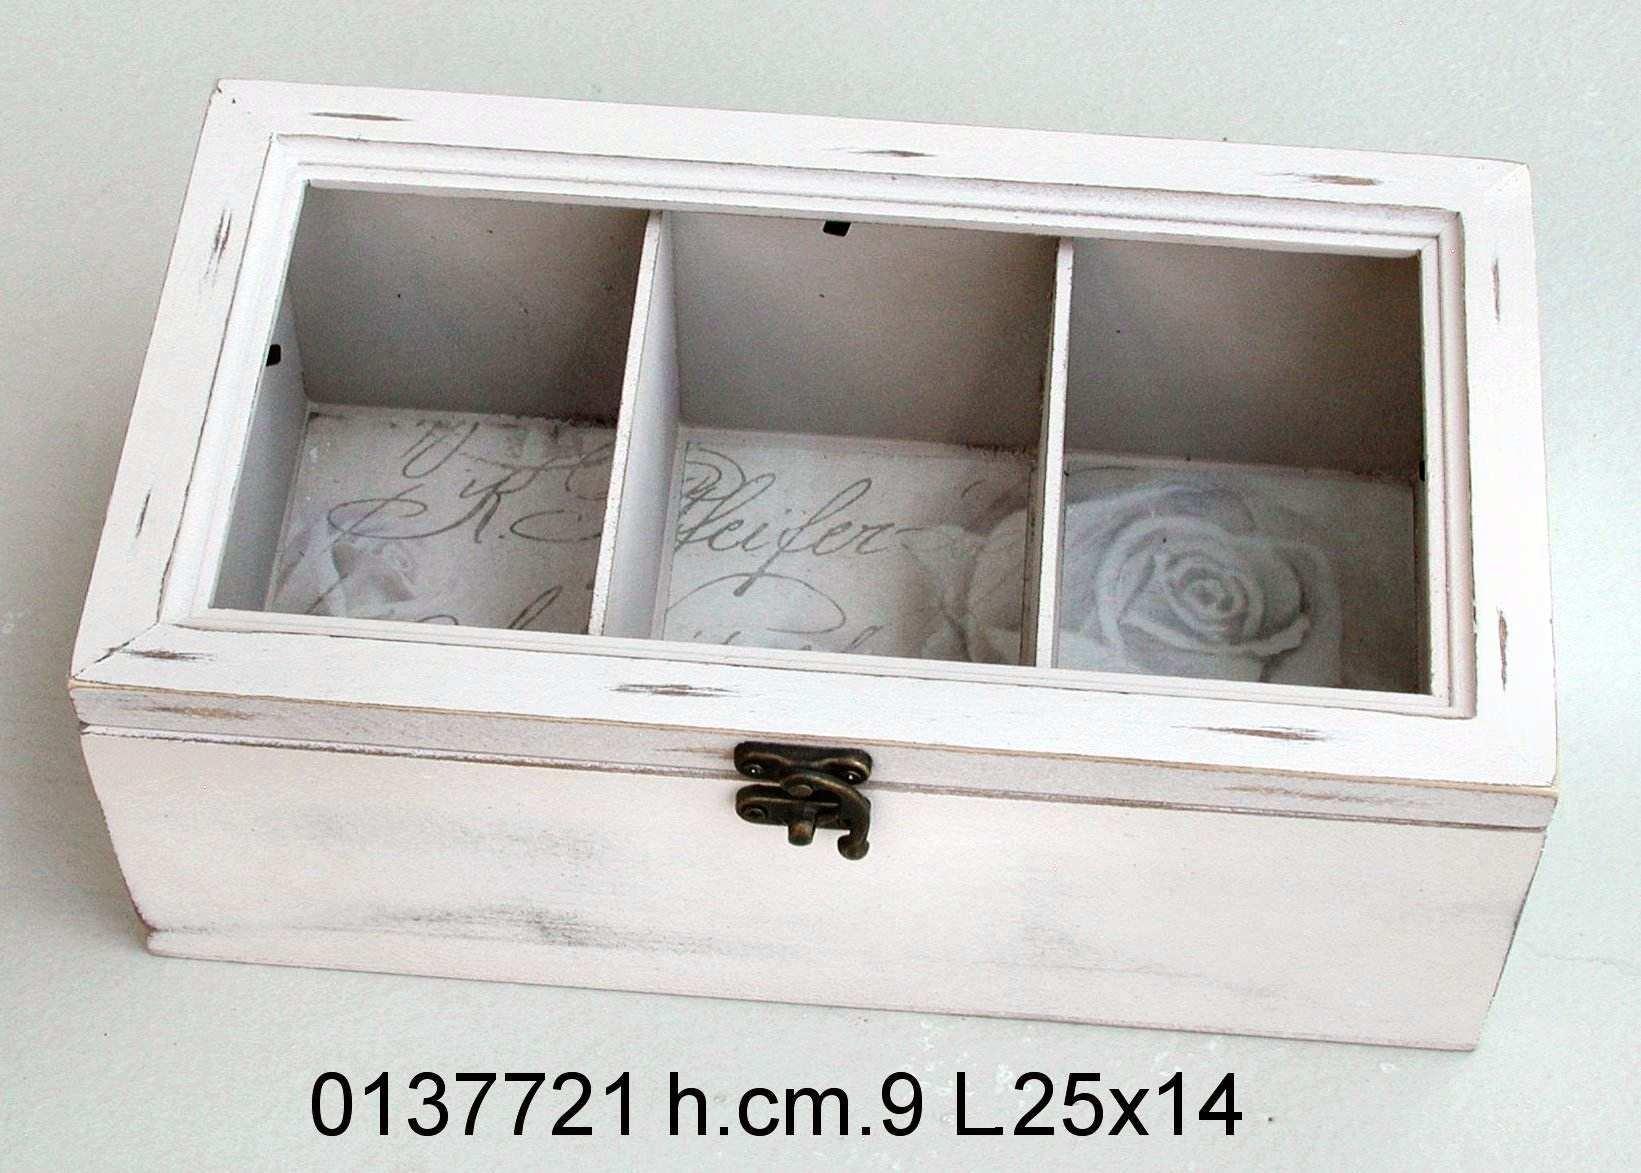 Antica soffitta scatola porta the t legno cuori tre - Porta per soffitta ...